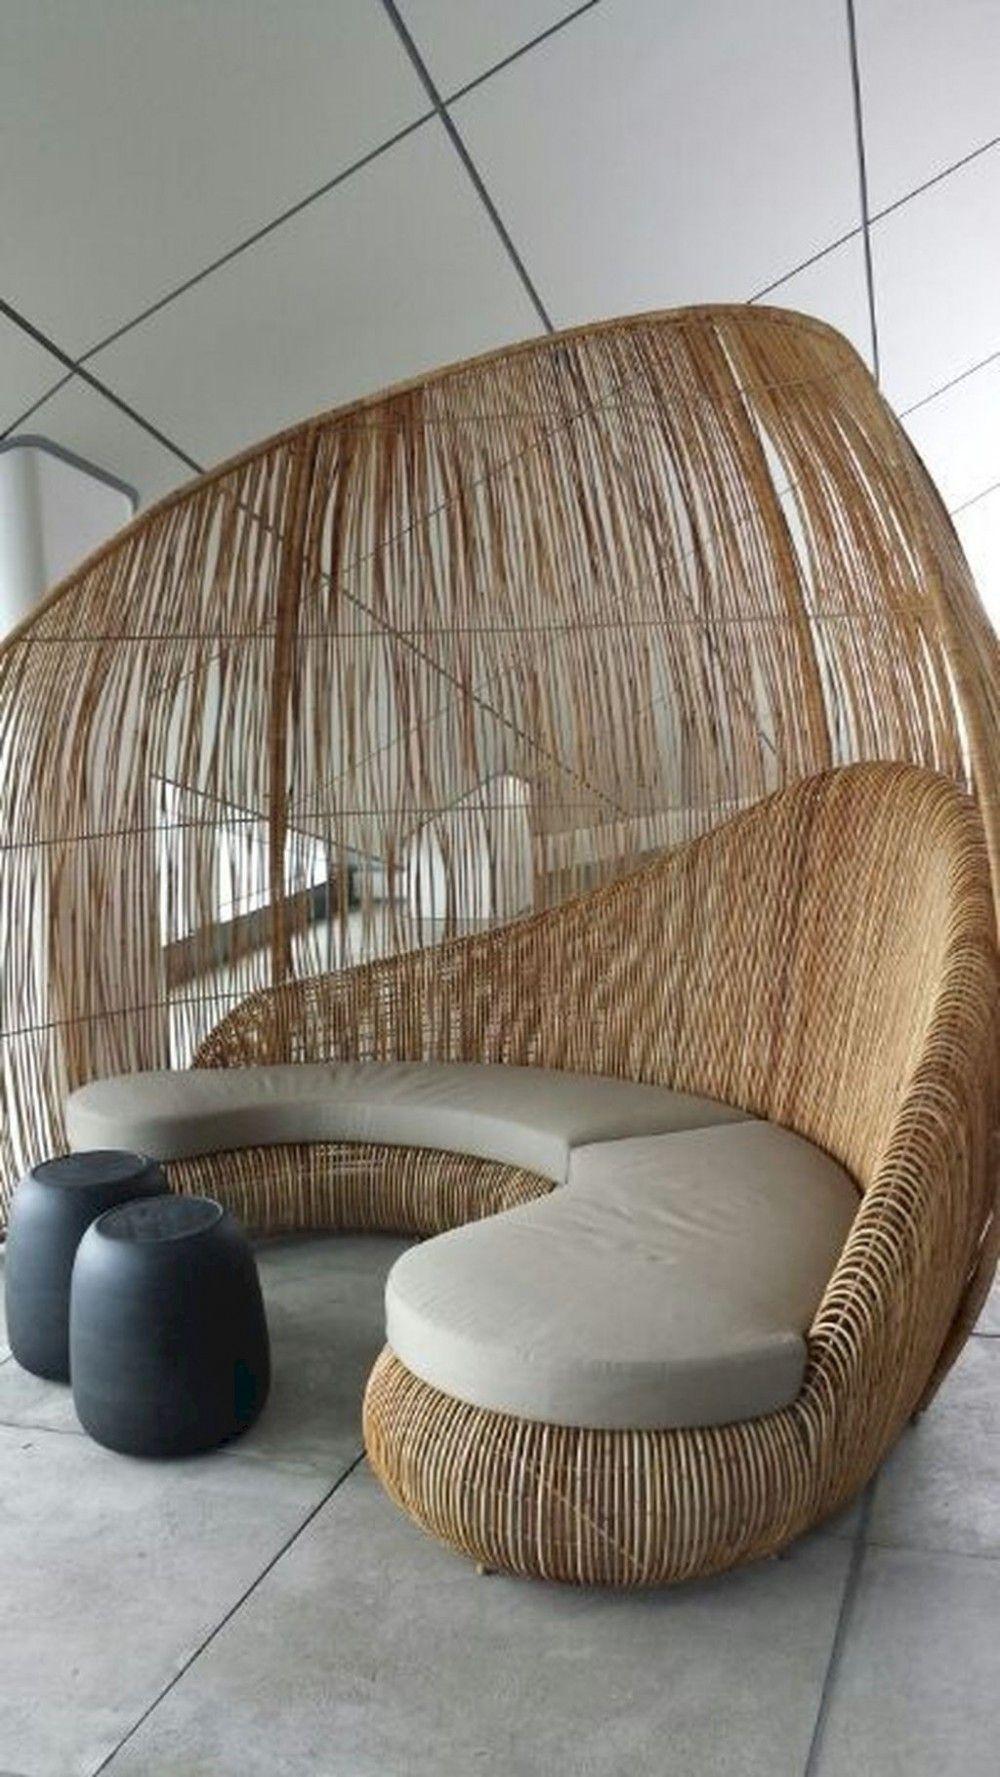 30+ splendid diy projekte im freien möbel design-ideen